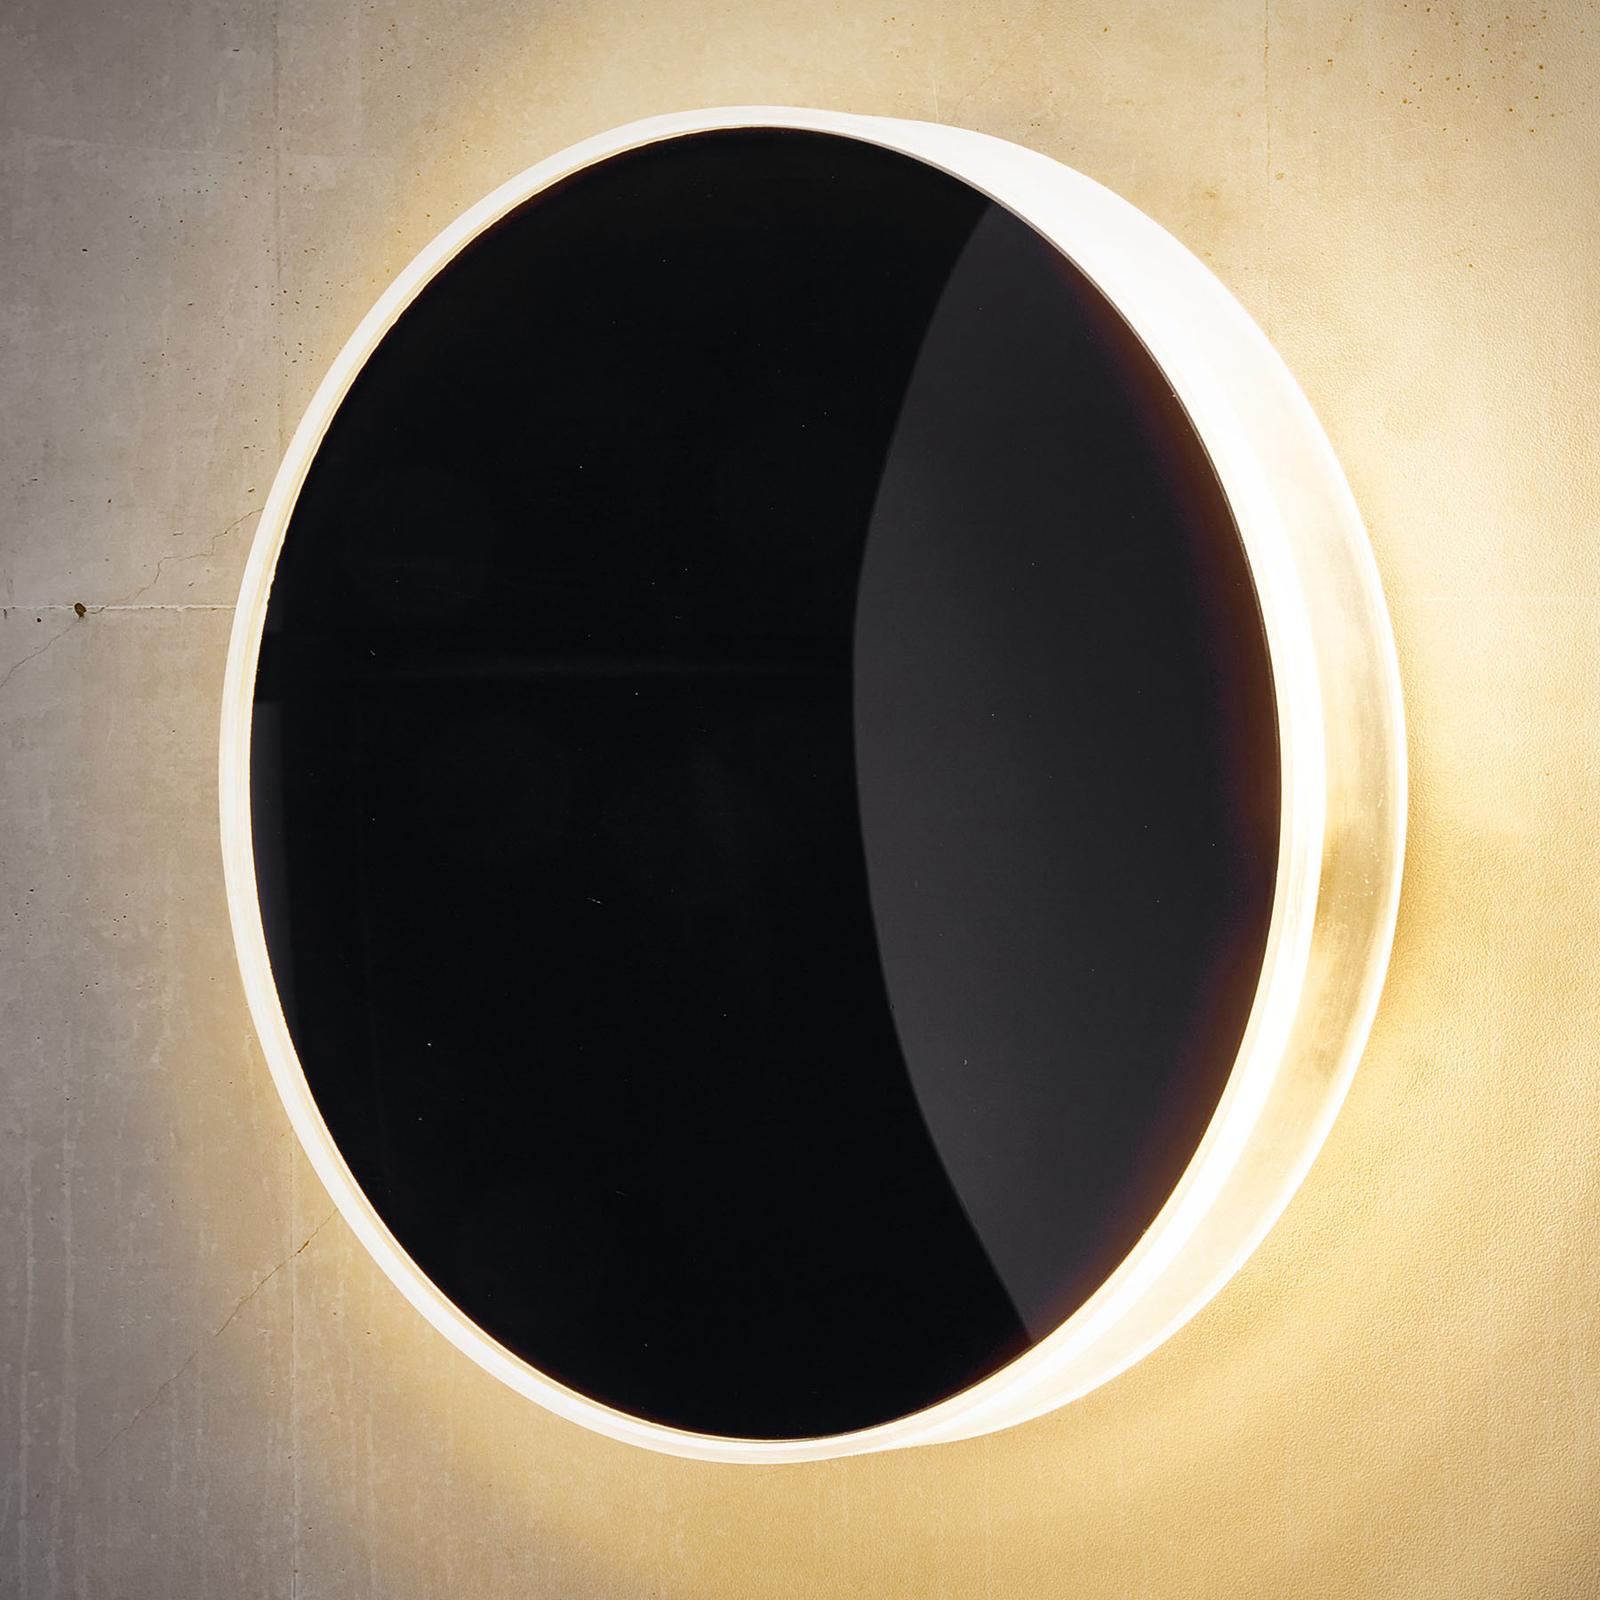 LED-ulkoseinälamppu Marbella, musta